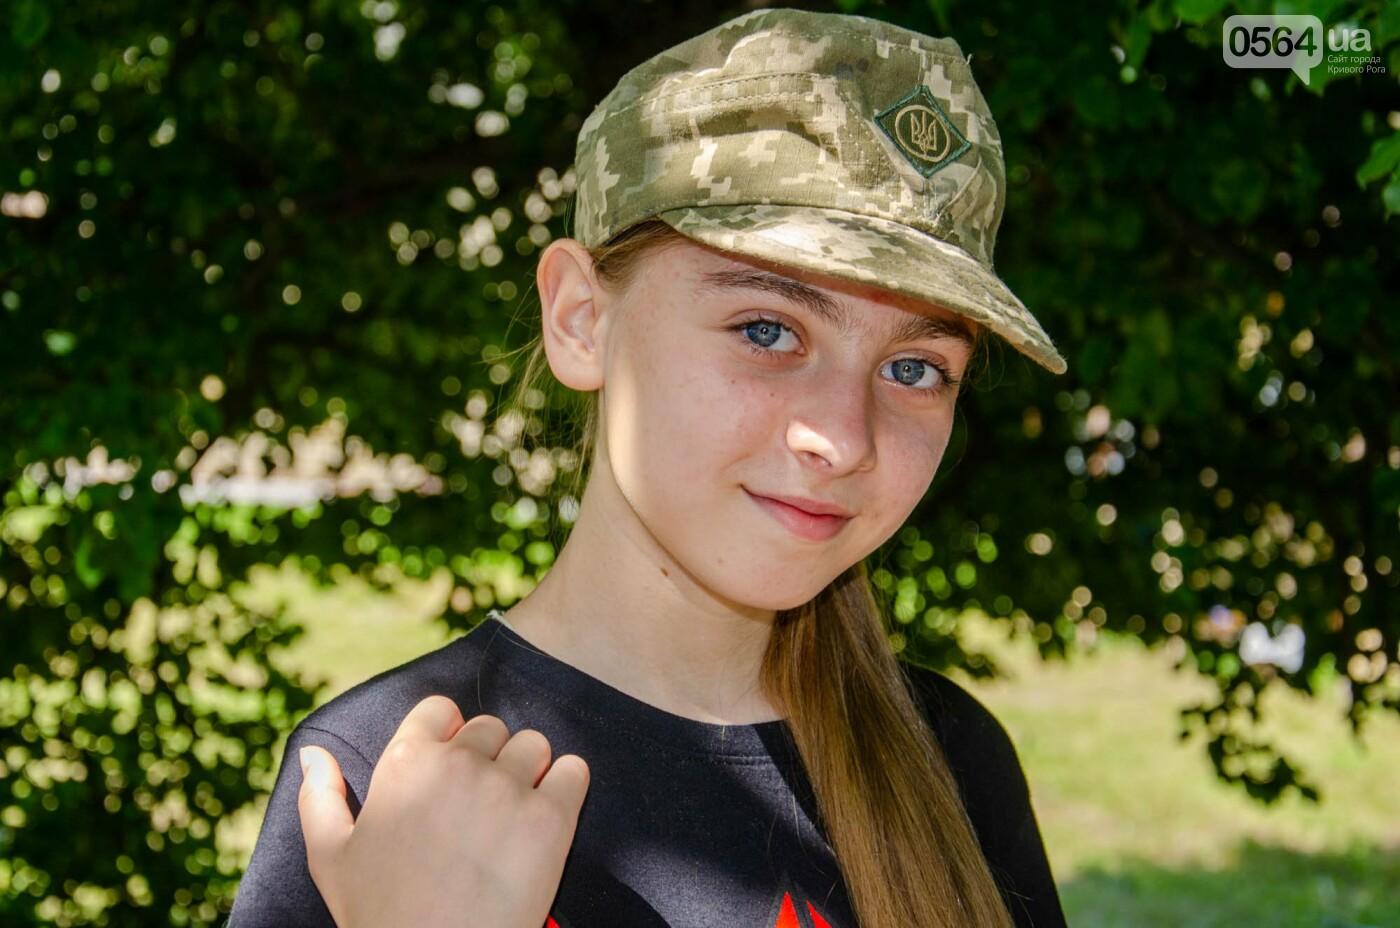 Криворожские школьники приняли участие в областном этапе военно-патриотической игры «Джура», - ФОТО, фото-4